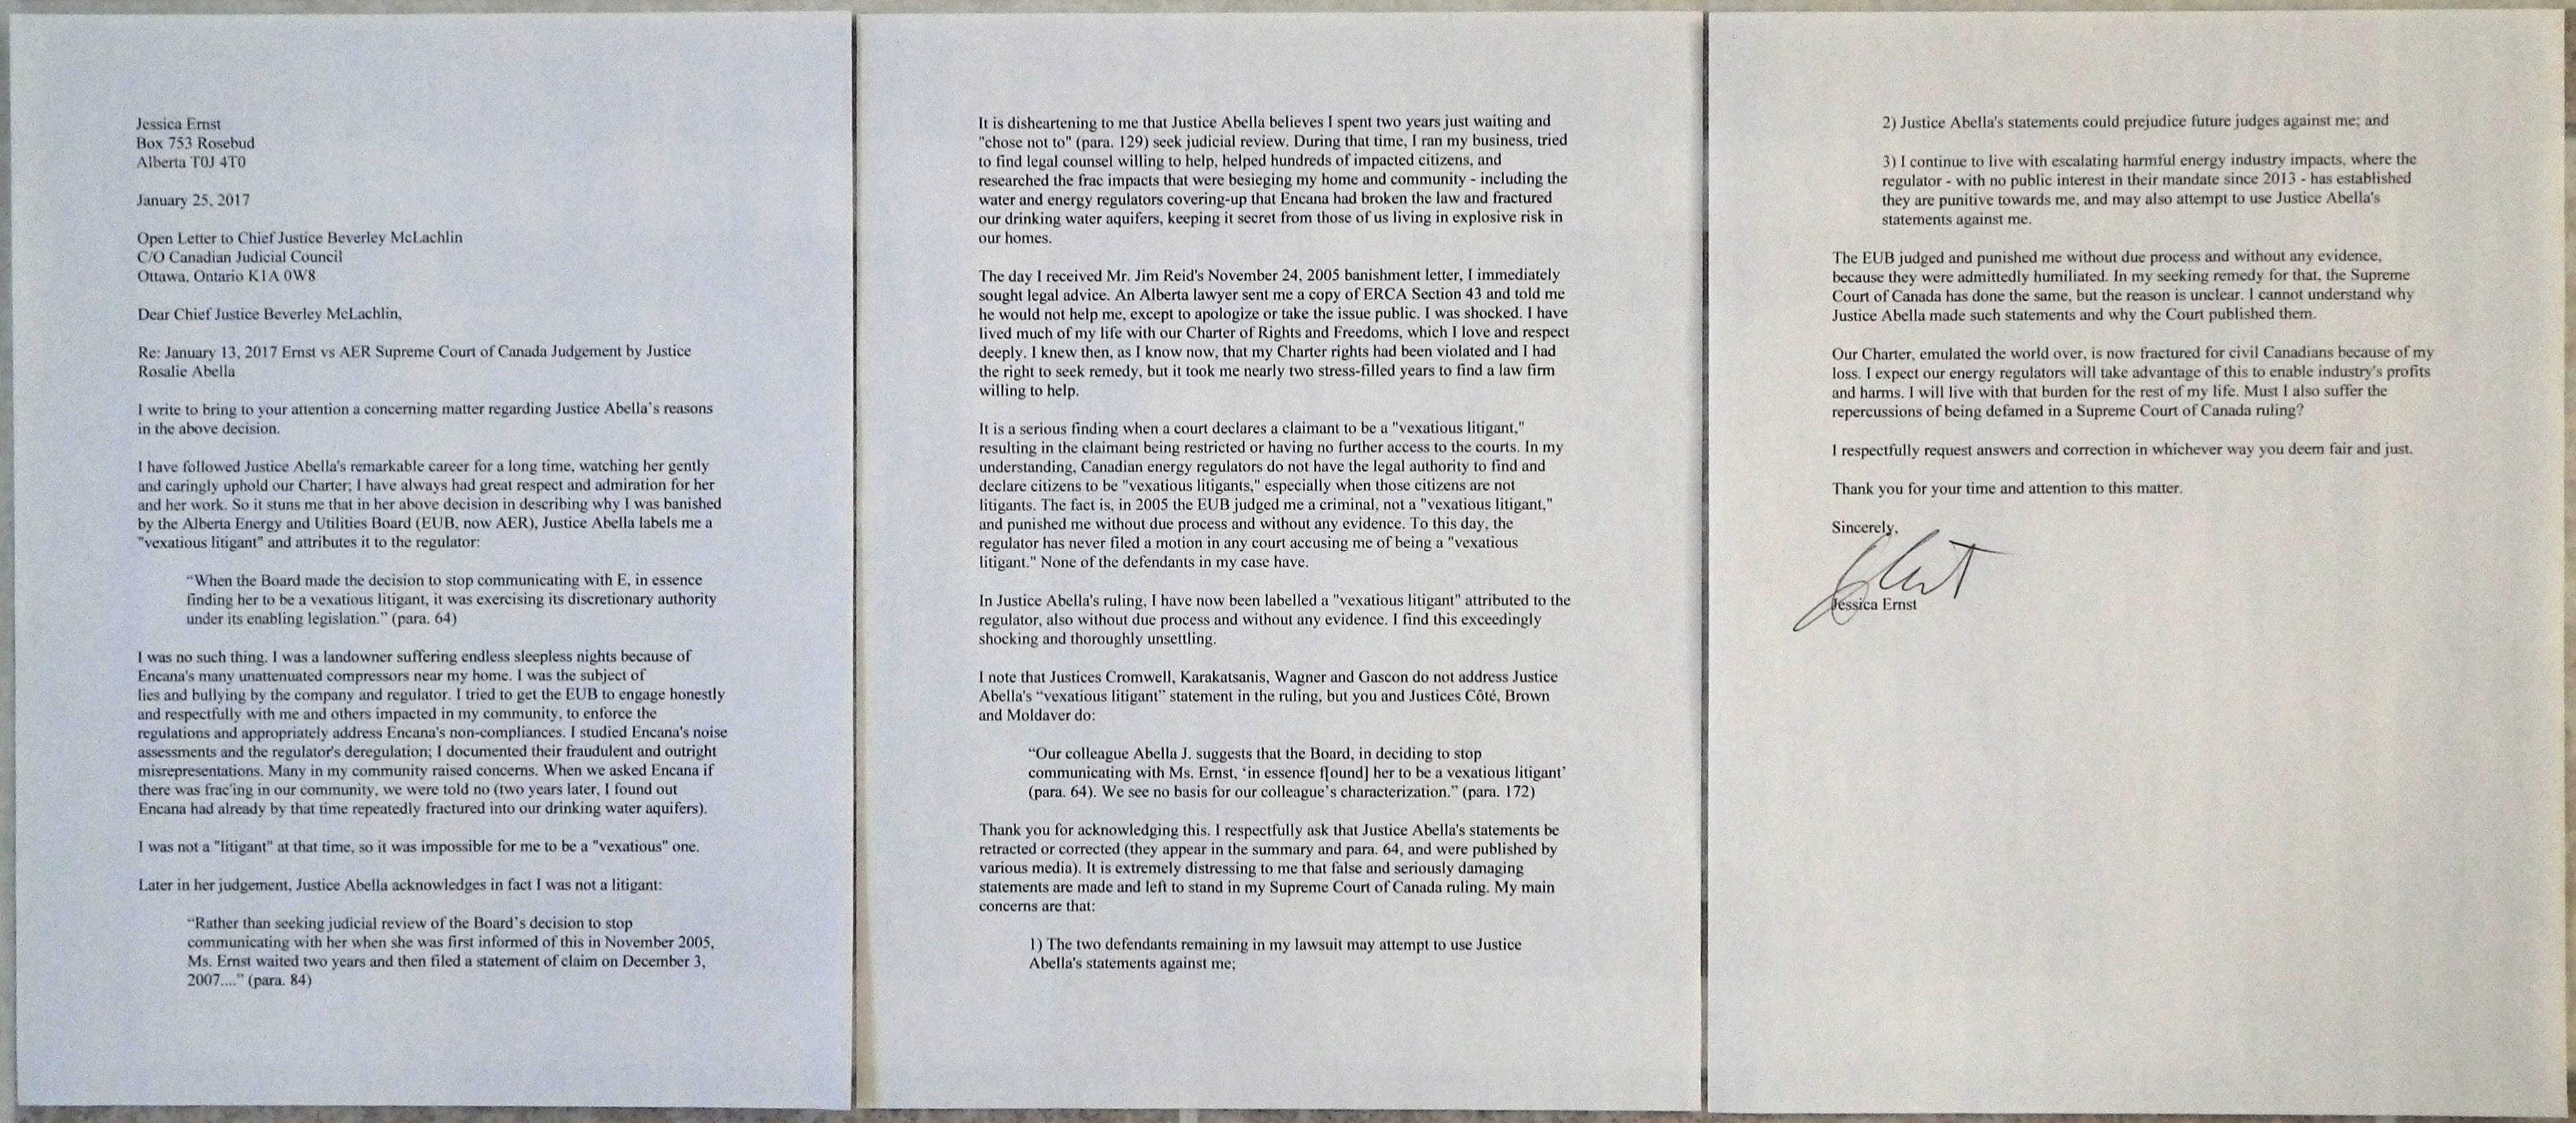 2017 01 25 photo letter Jessica Ernst to CJ Beverley McLachlin, regarding Justice Abella's false statements in her Jan 13, 2017 ruling Ernst vs AER